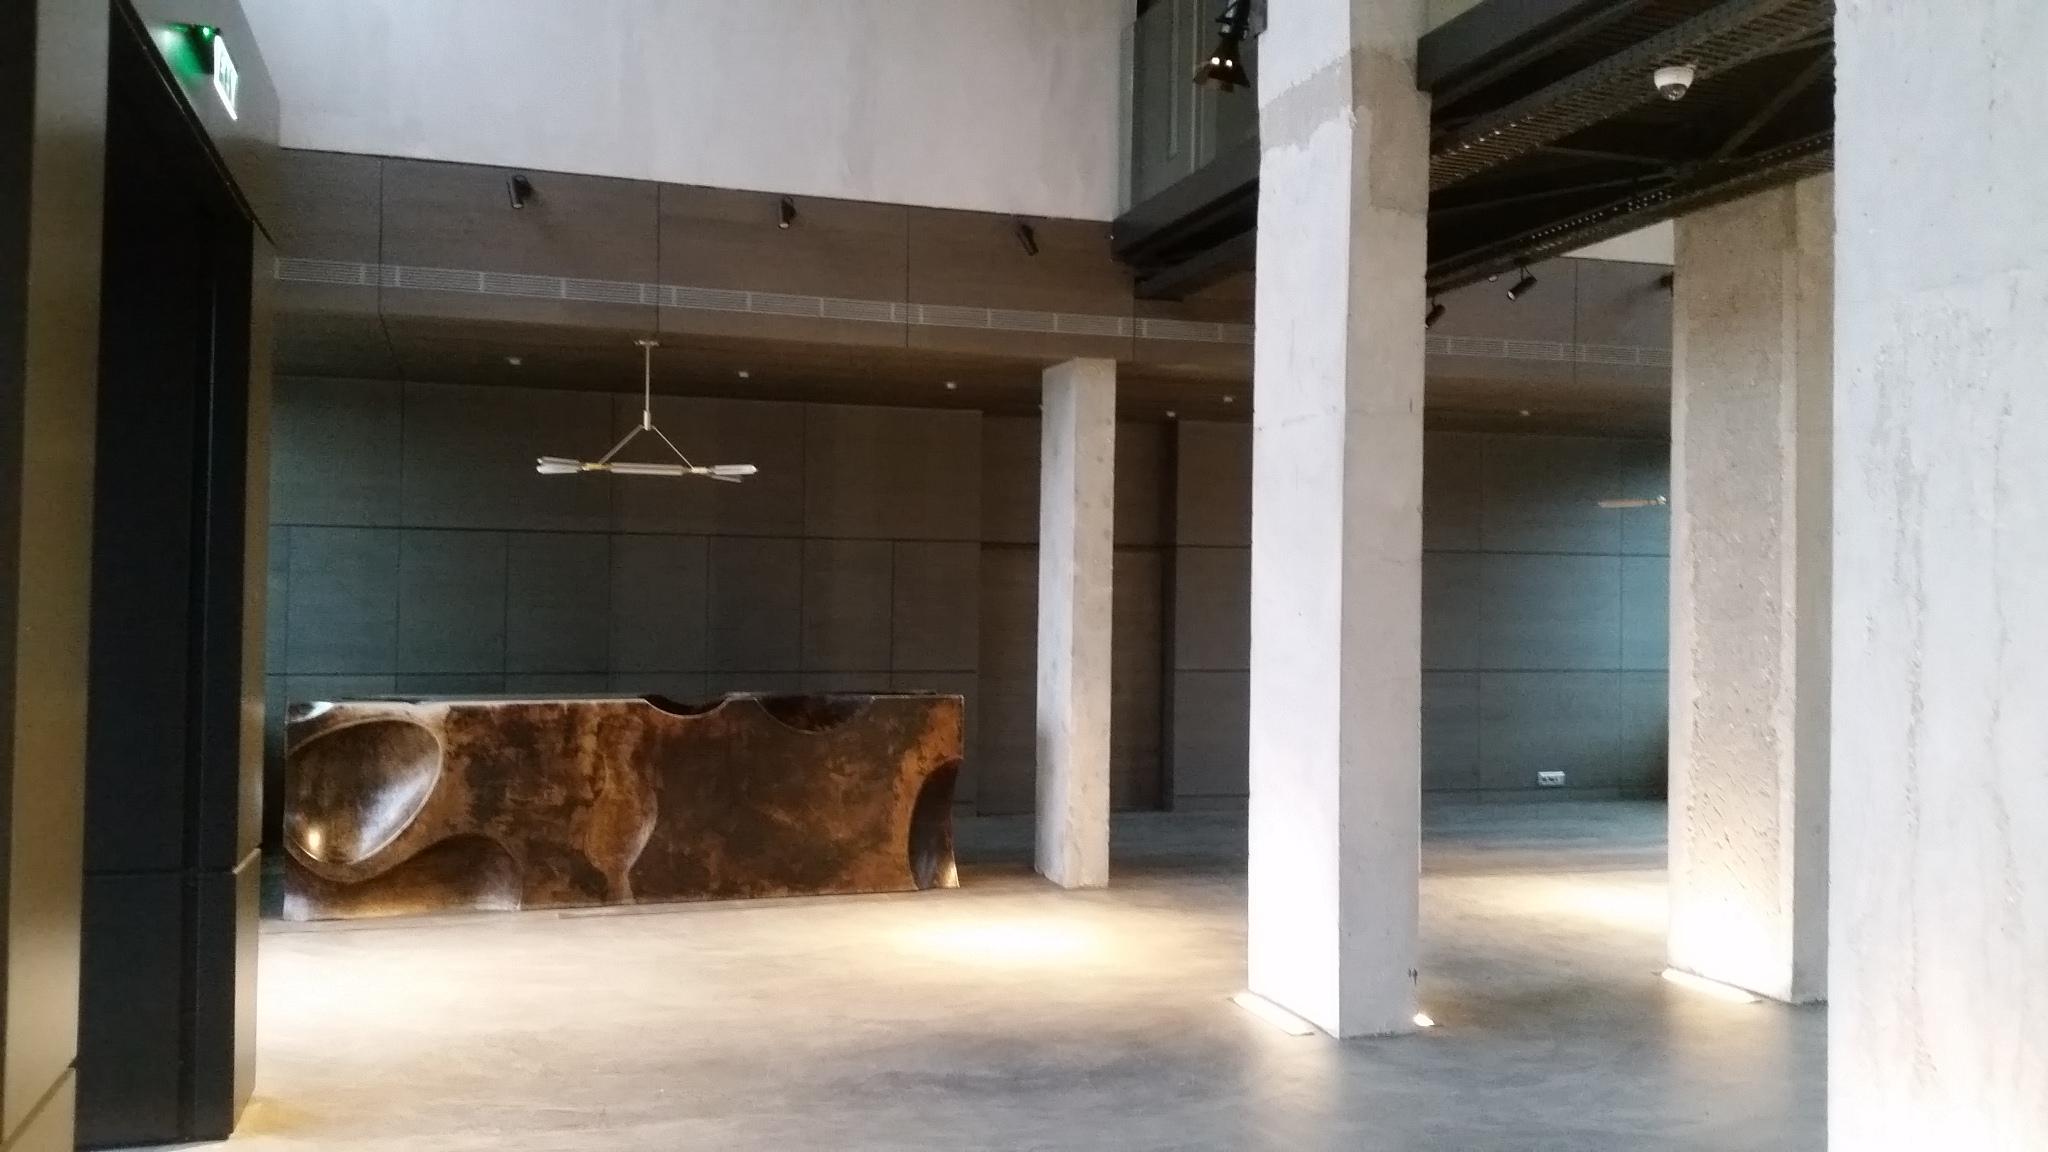 Vue intérieure d'un hall